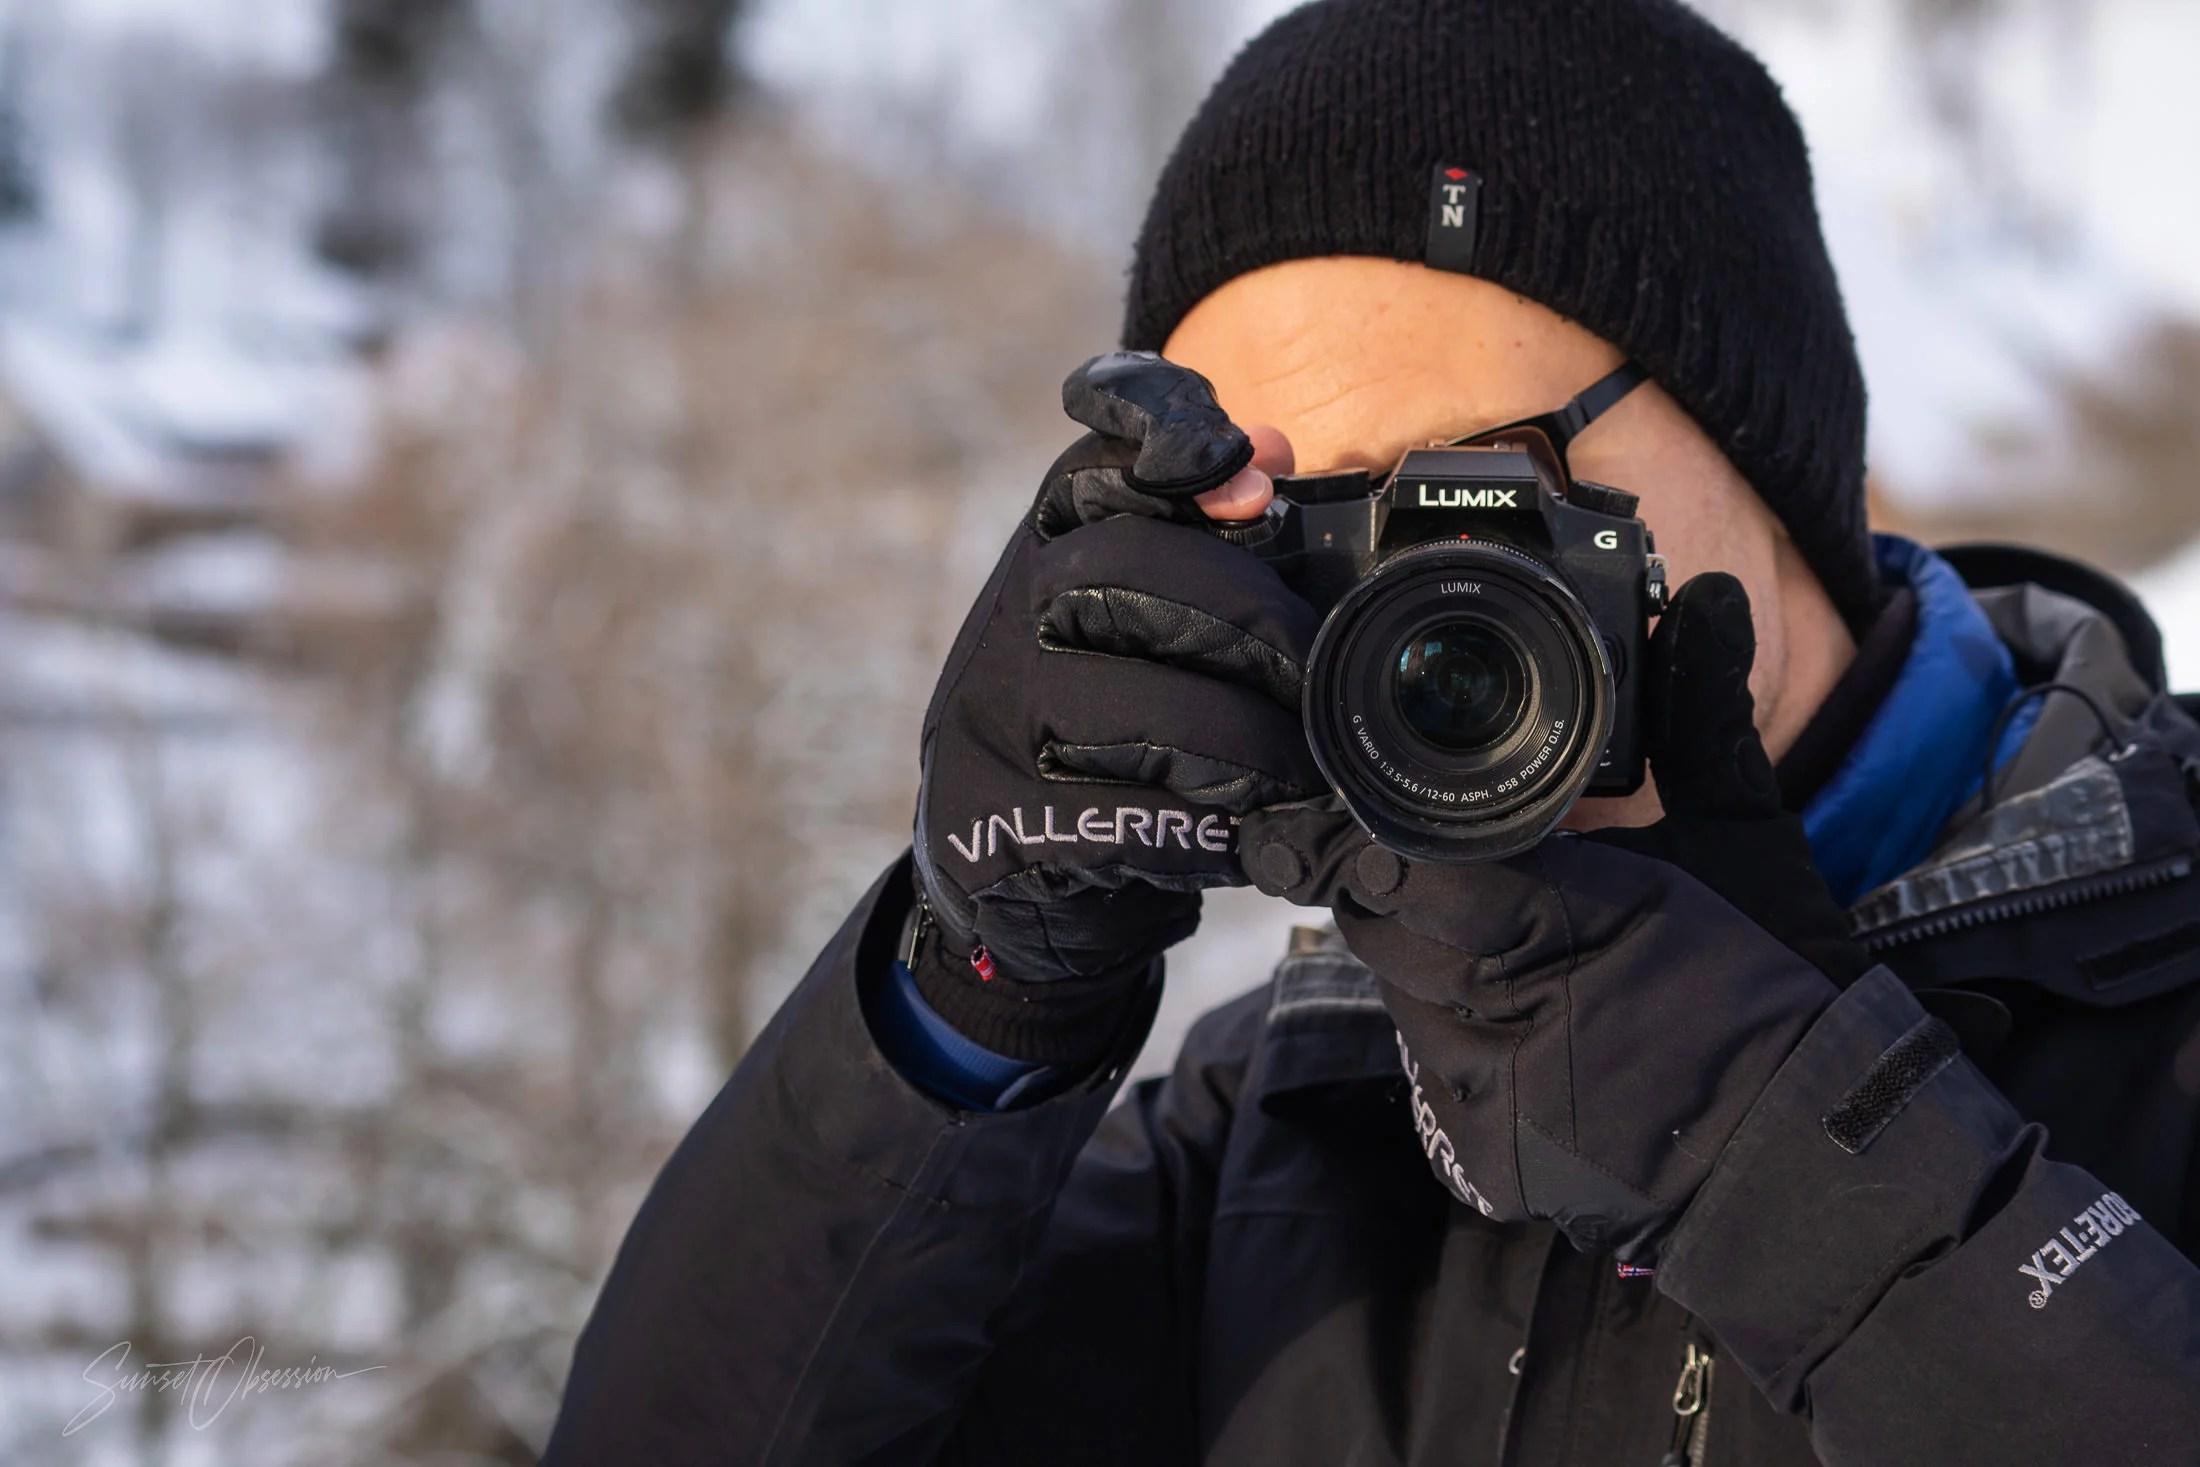 Несмотря на все их недостатки, Vallerret Ipsoot -  мои любимые перчатки для зимних фото-поездок